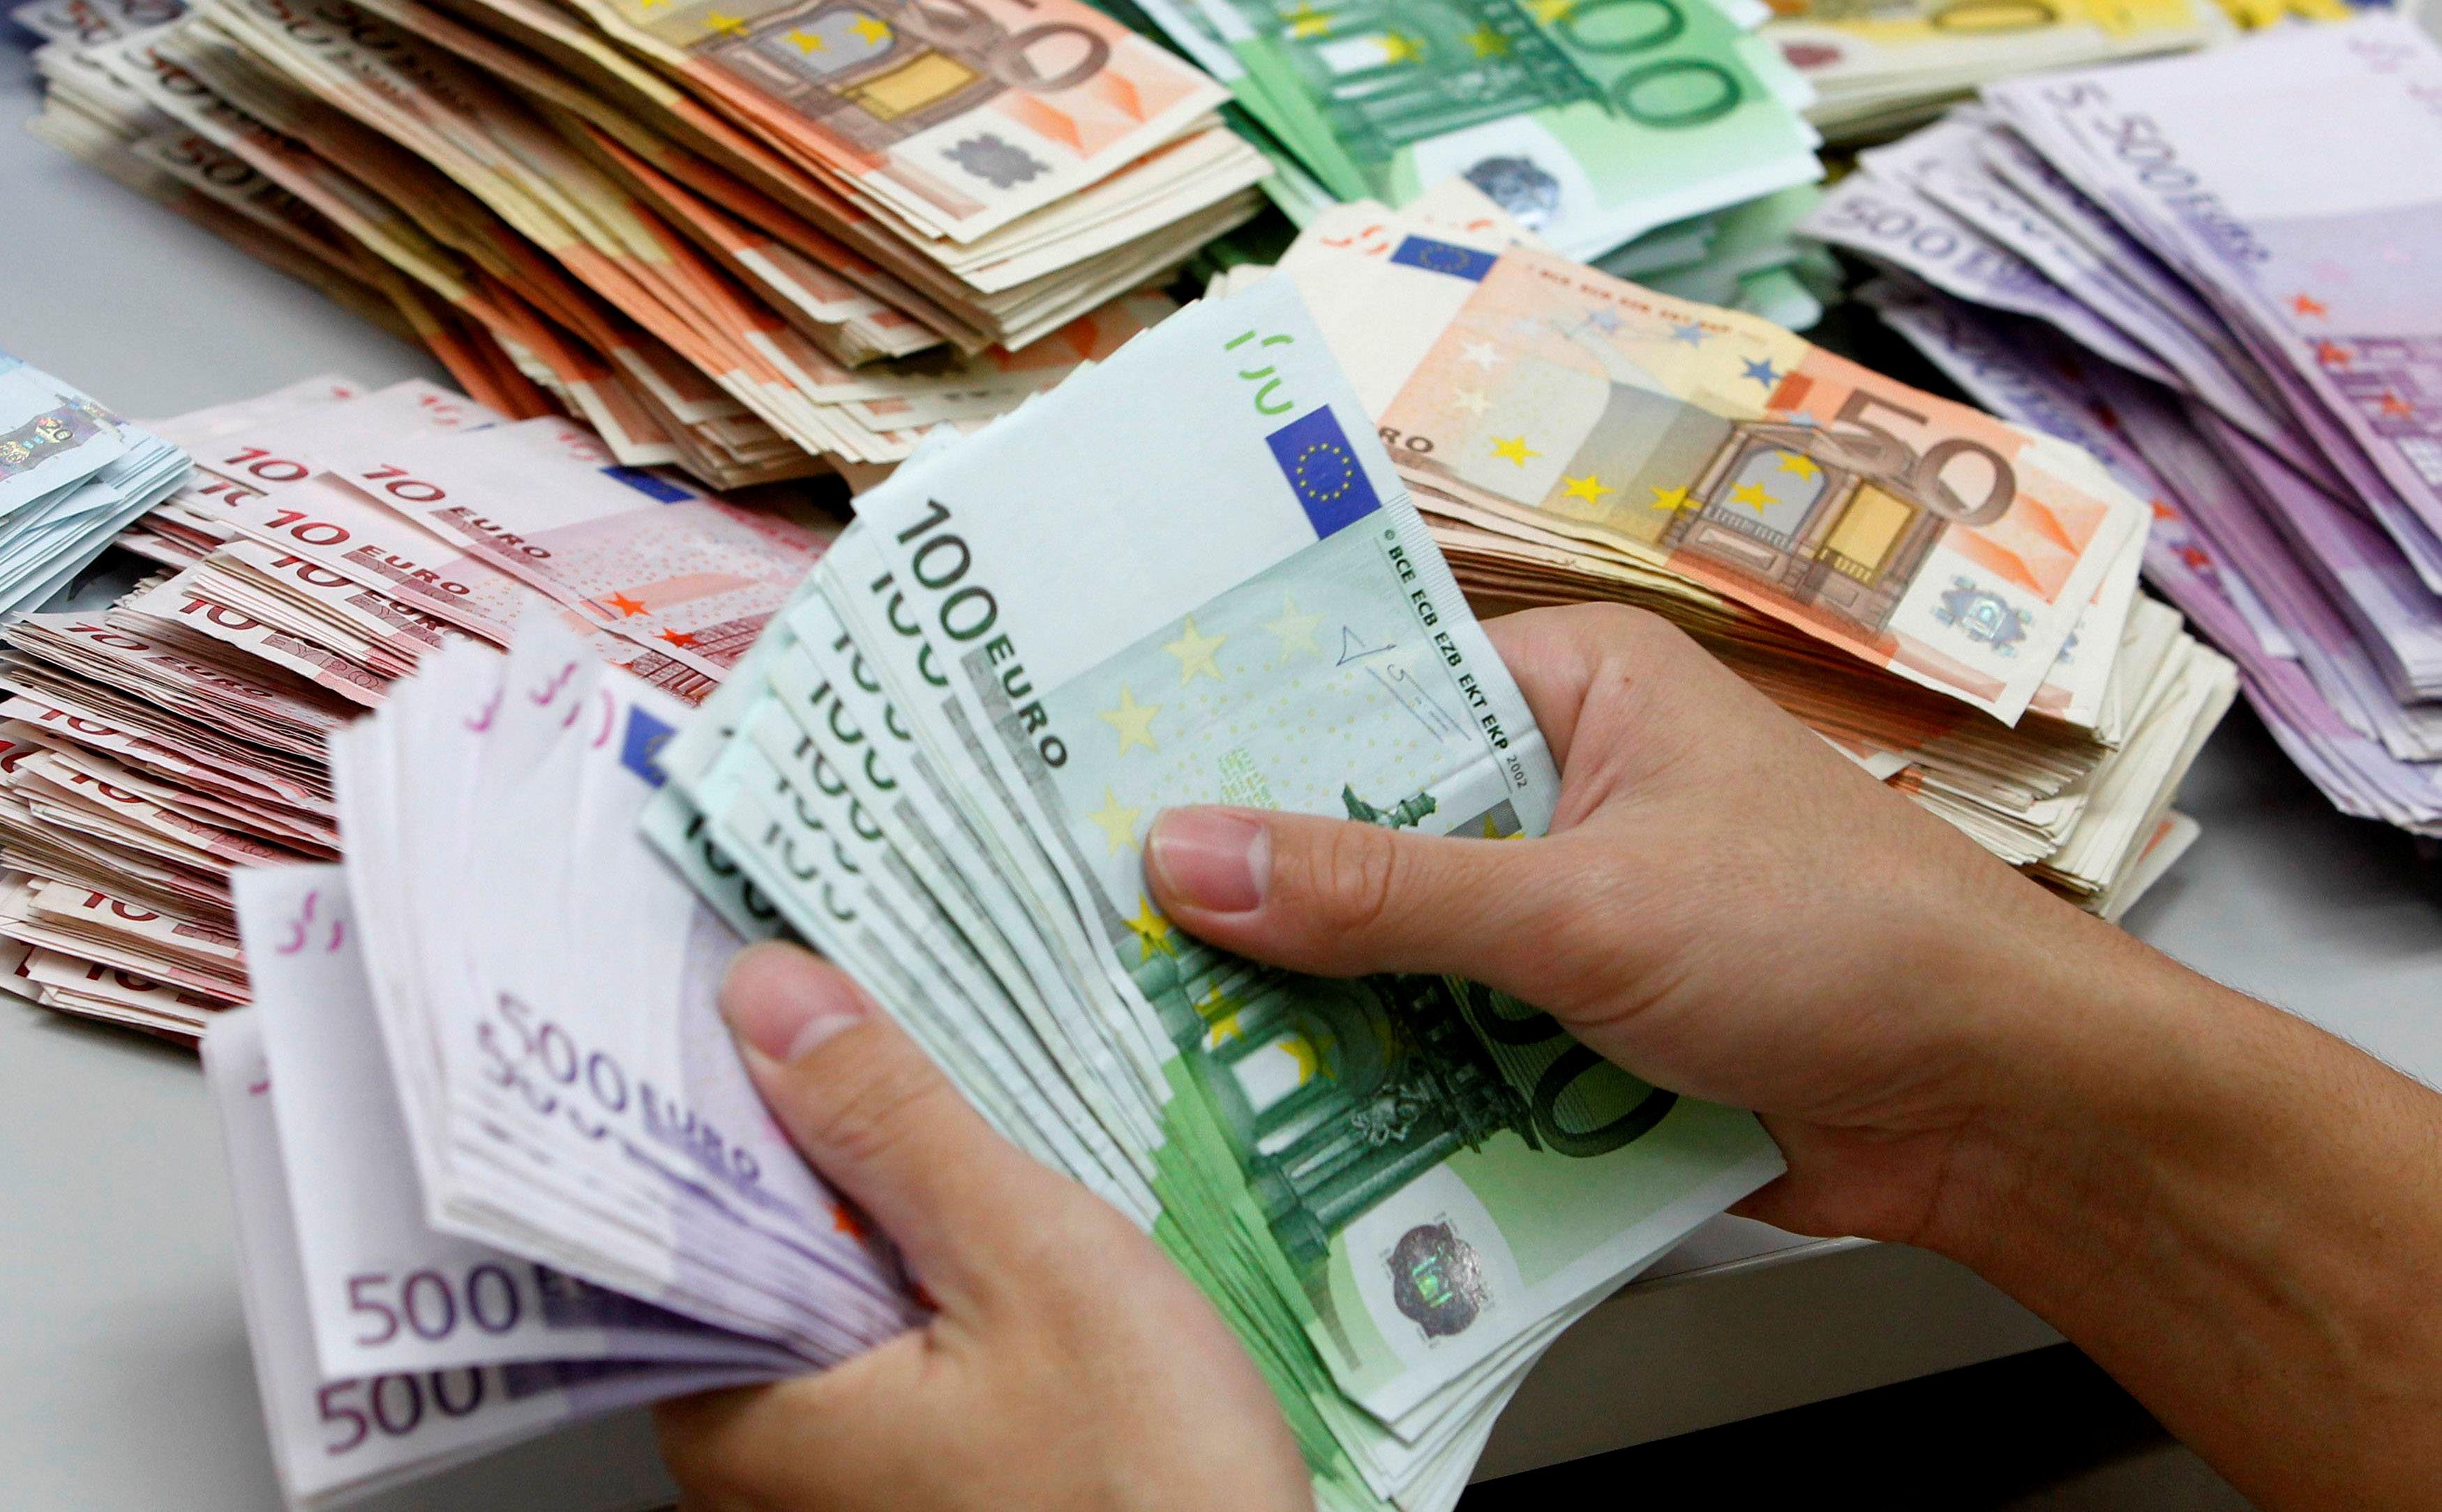 Prestiti pensionati inps, ecco come ottenerli